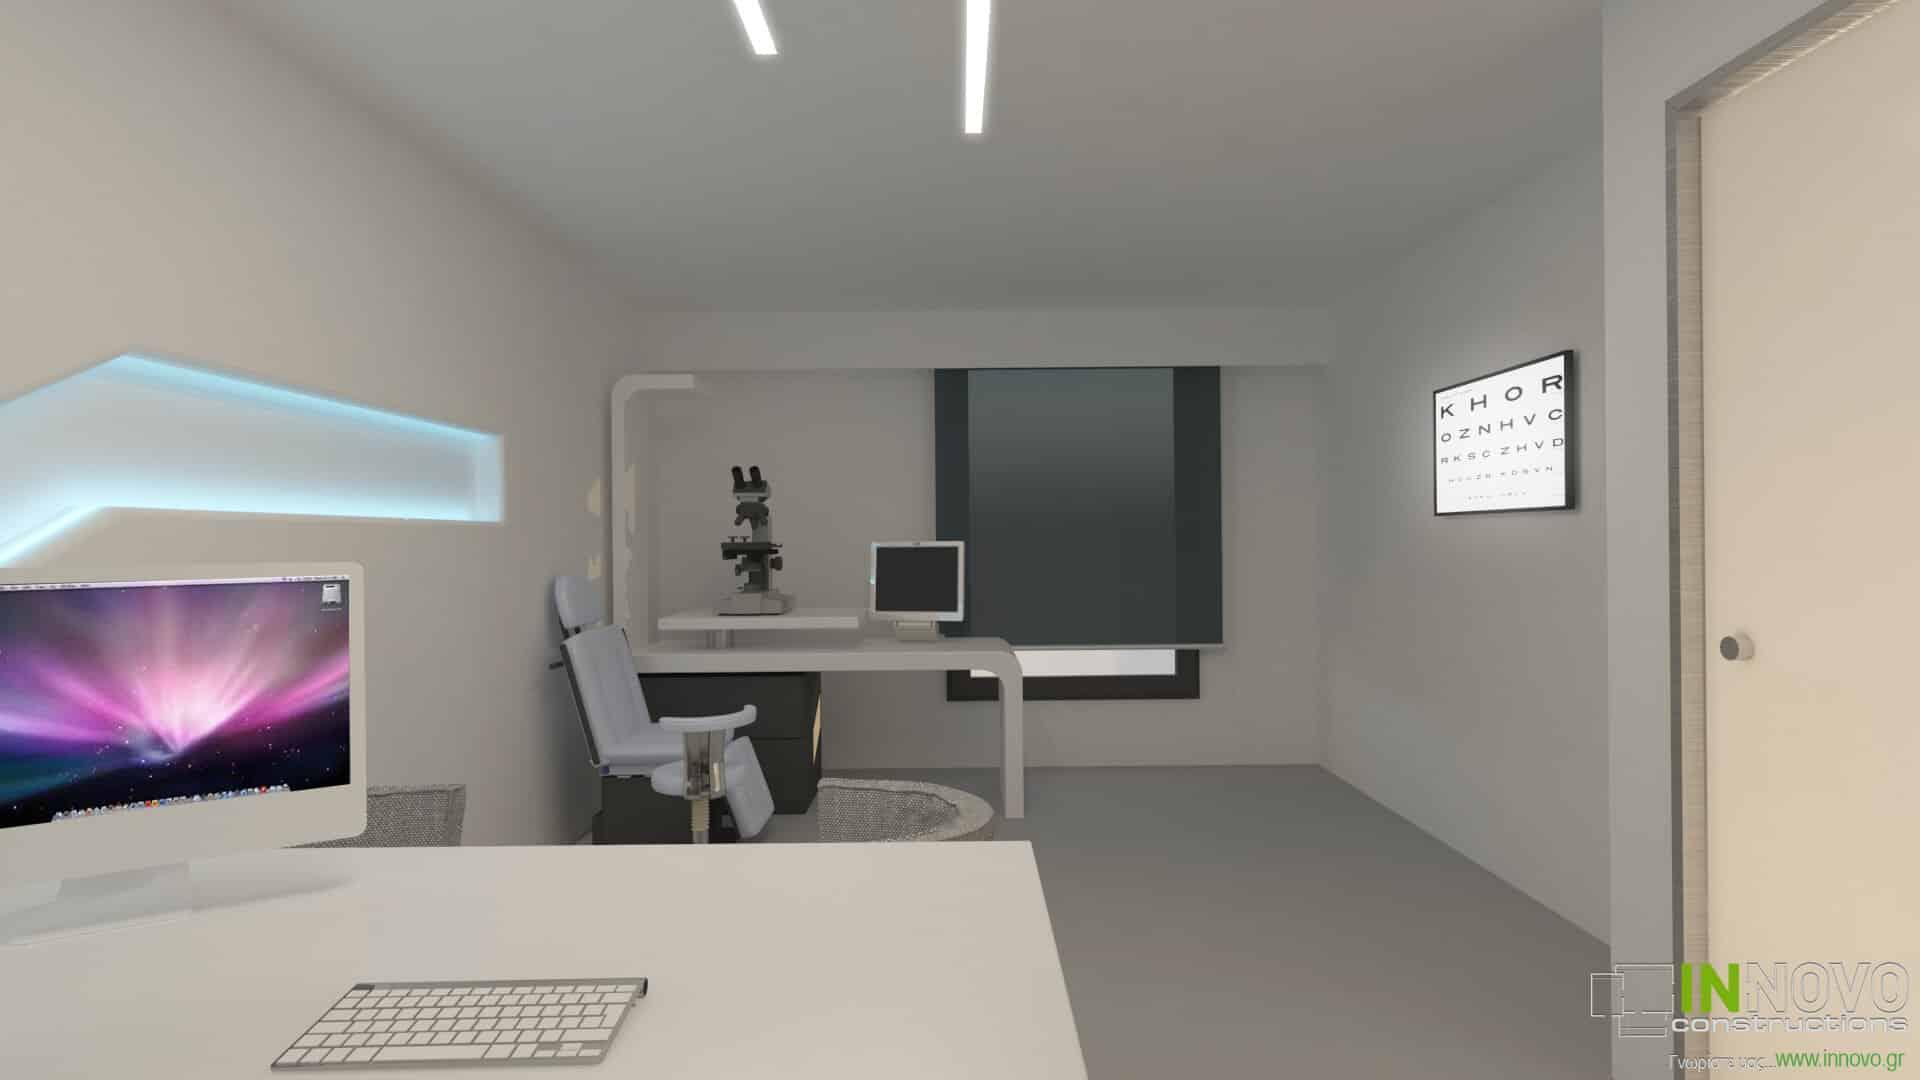 Μελέτη κατασκευής οφθαλμολογικής κλινικής στη Γλυφάδα από την Innovo Constructions